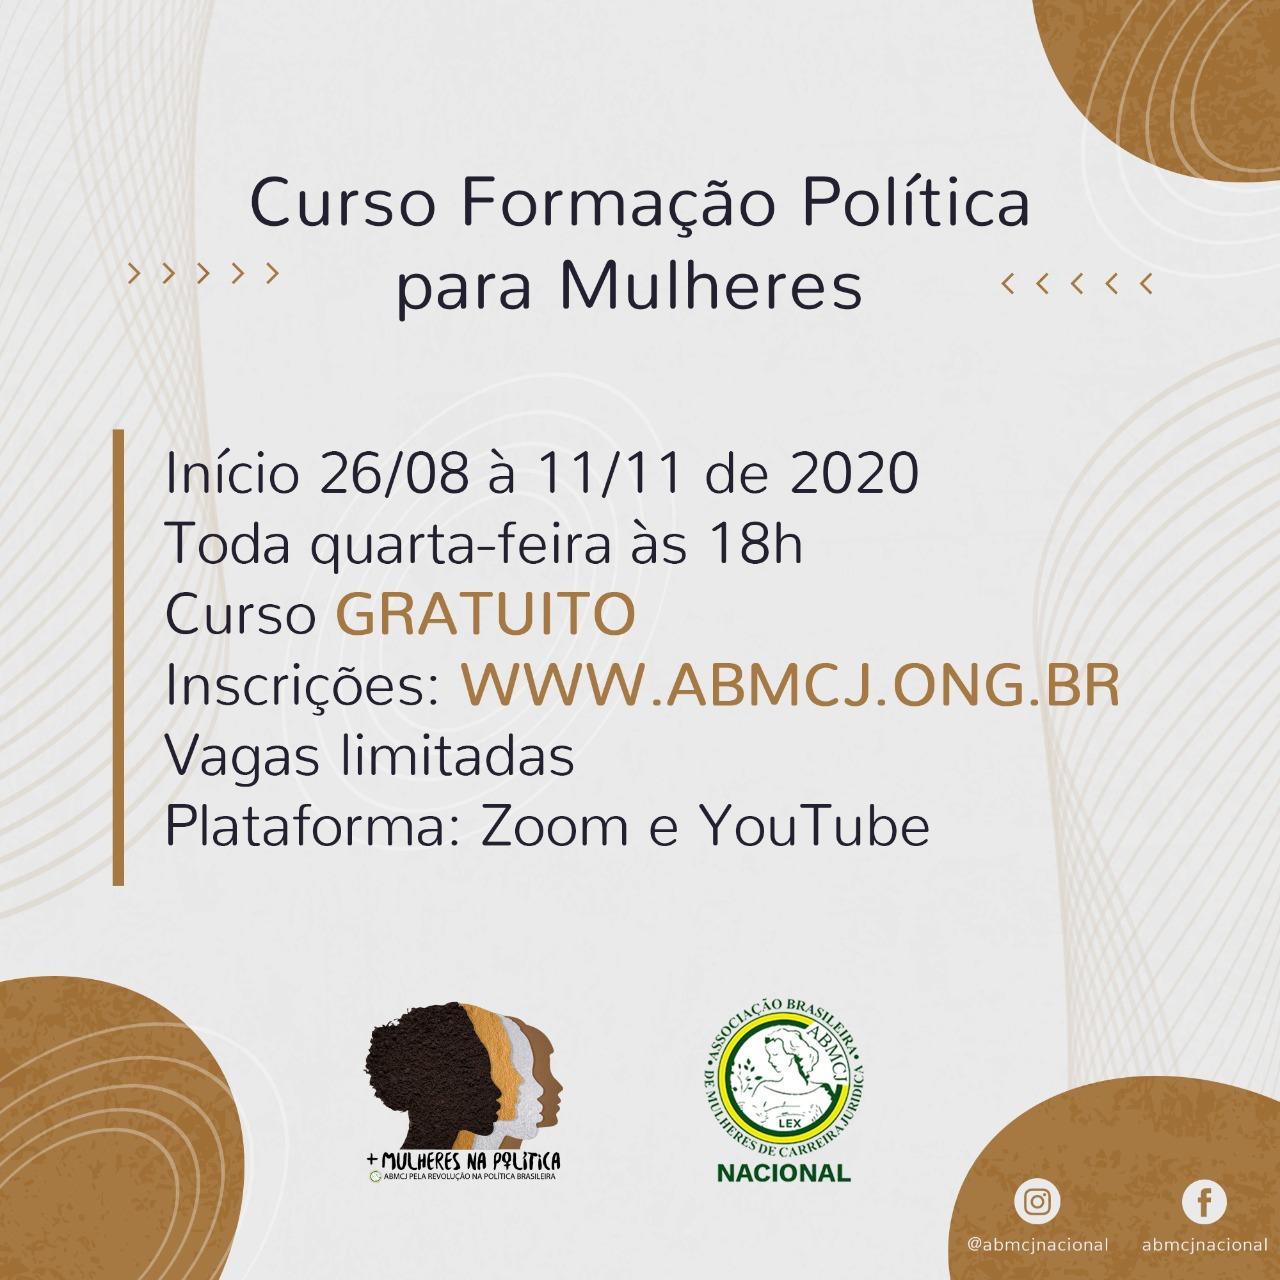 Curso de Formação Política para Mulheres